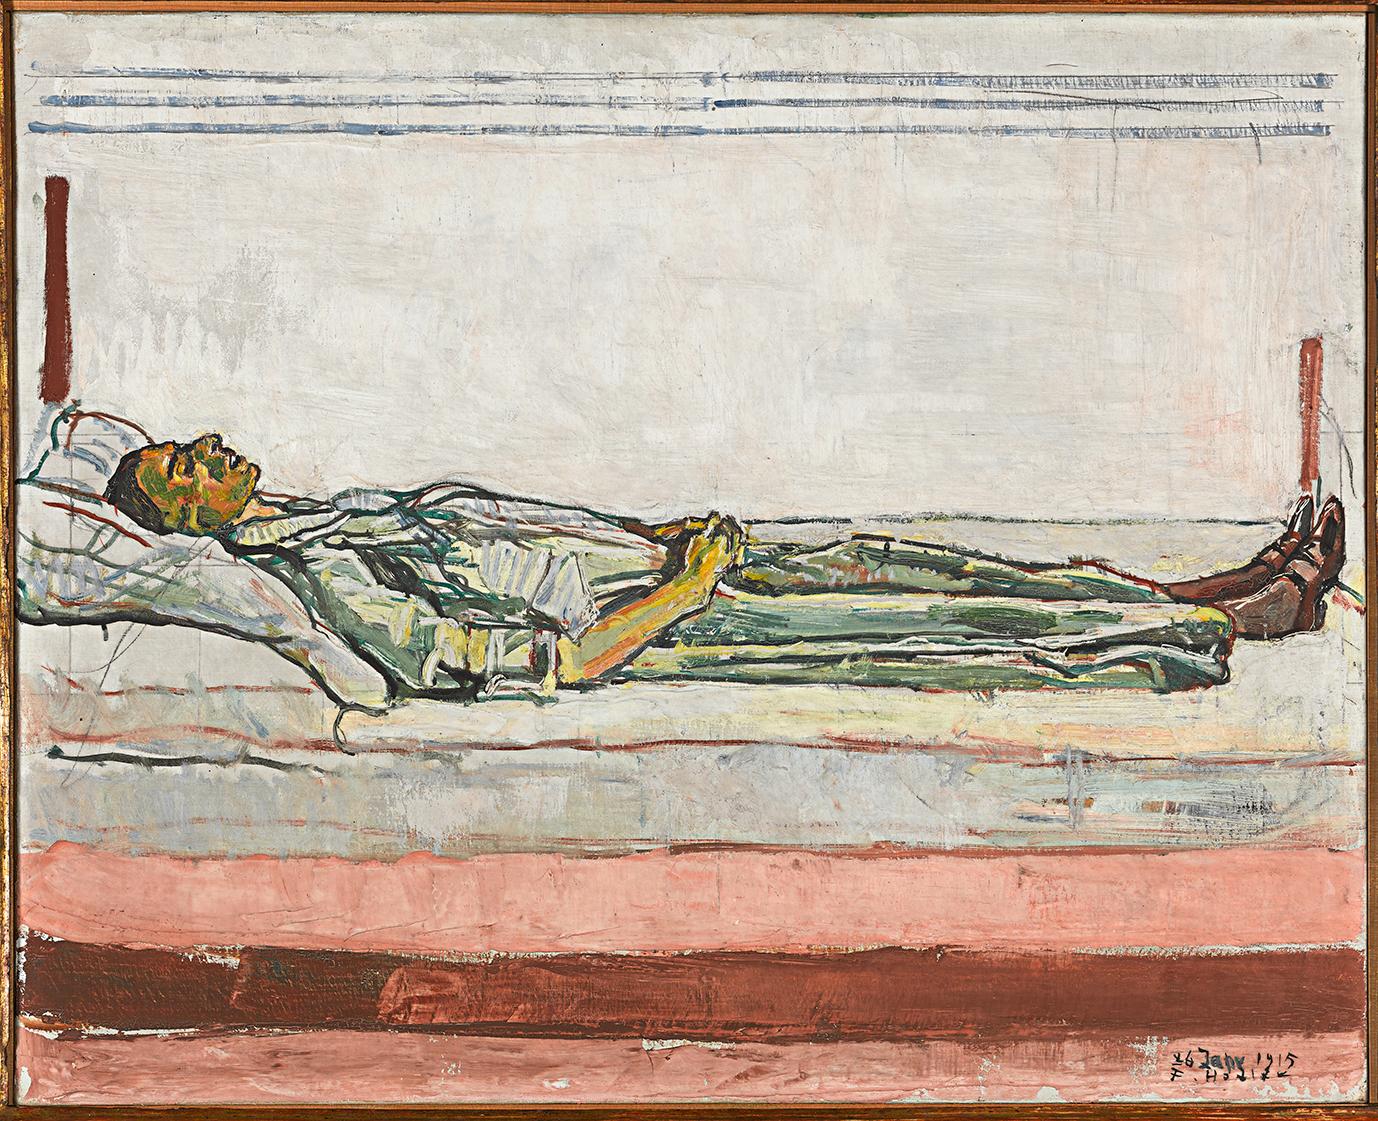 Ferdinand Hodler, Valentine Godé-Darel sur son lit de mort, 1915, huile sur toile, 65,5 x 81 cm, collection Rudolf Staechelin © Archives Jura Brüschweiler, Genève / Pierre Montavon